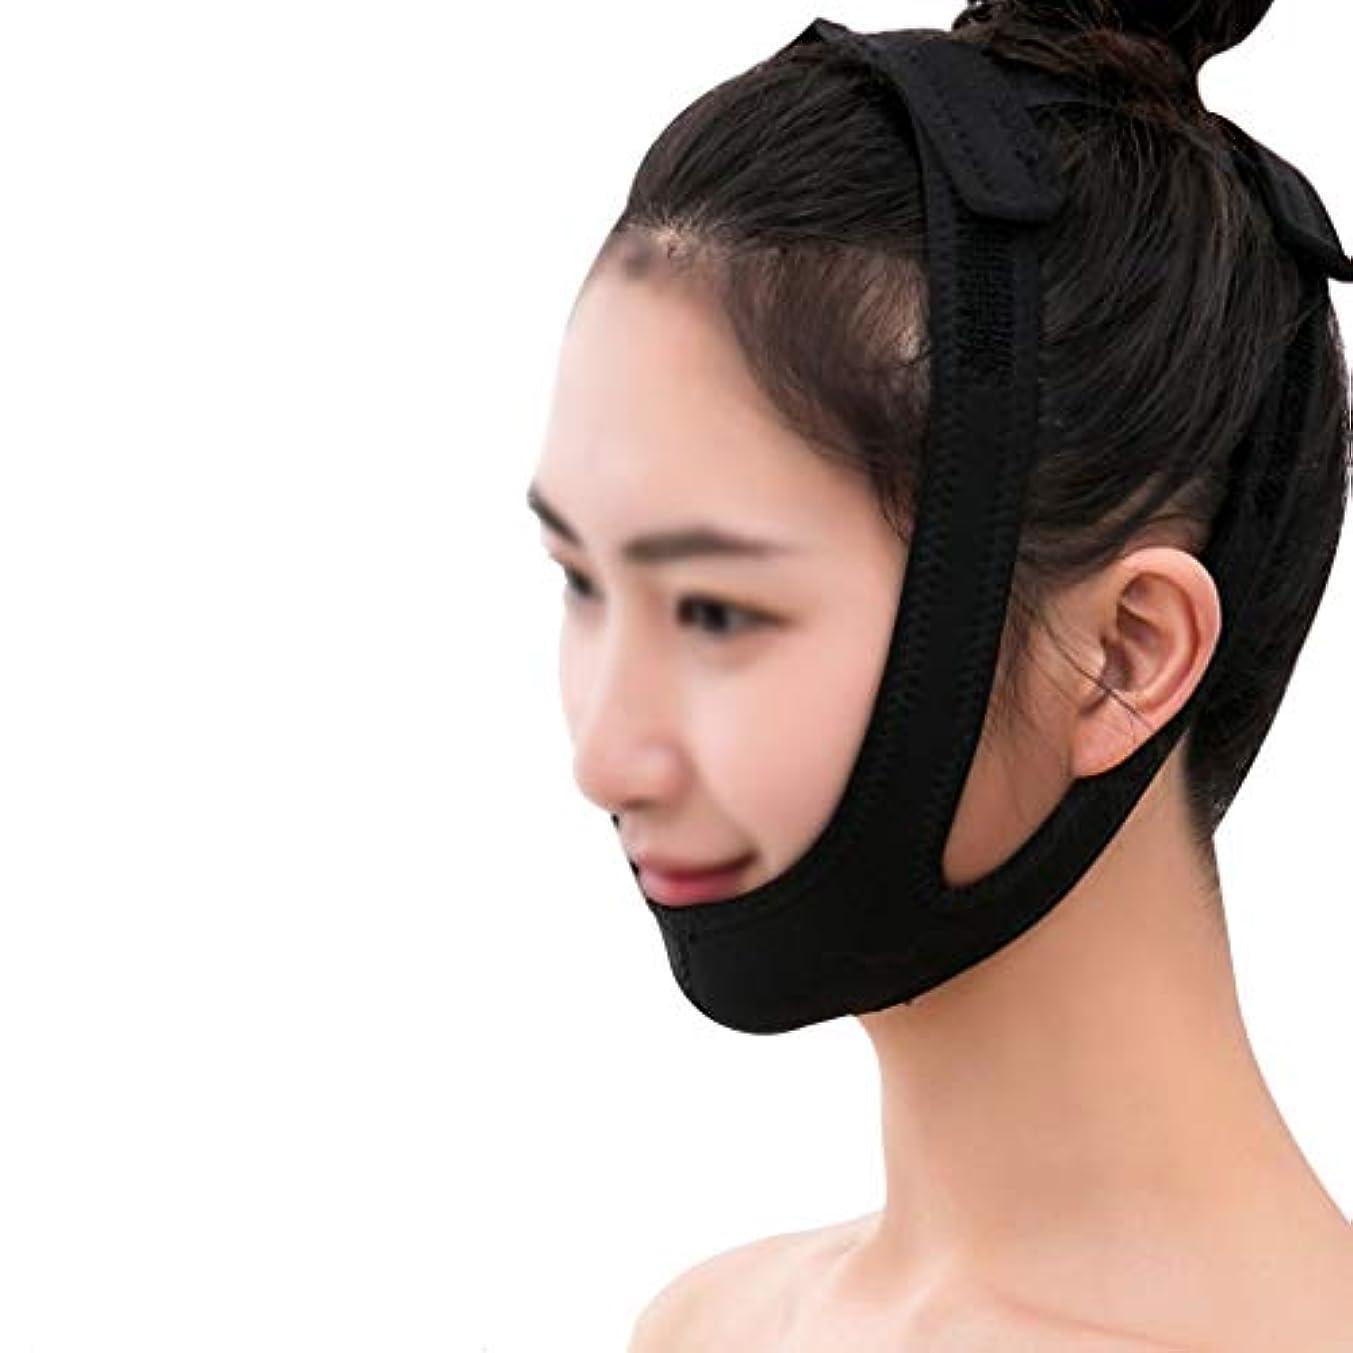 意気消沈した判読できない唯一XHLMRMJ フェイシャルリフティングマスク、医療用ワイヤーカービングリカバリーヘッドギアVフェイス包帯ダブルチンフェイスリフトマスク